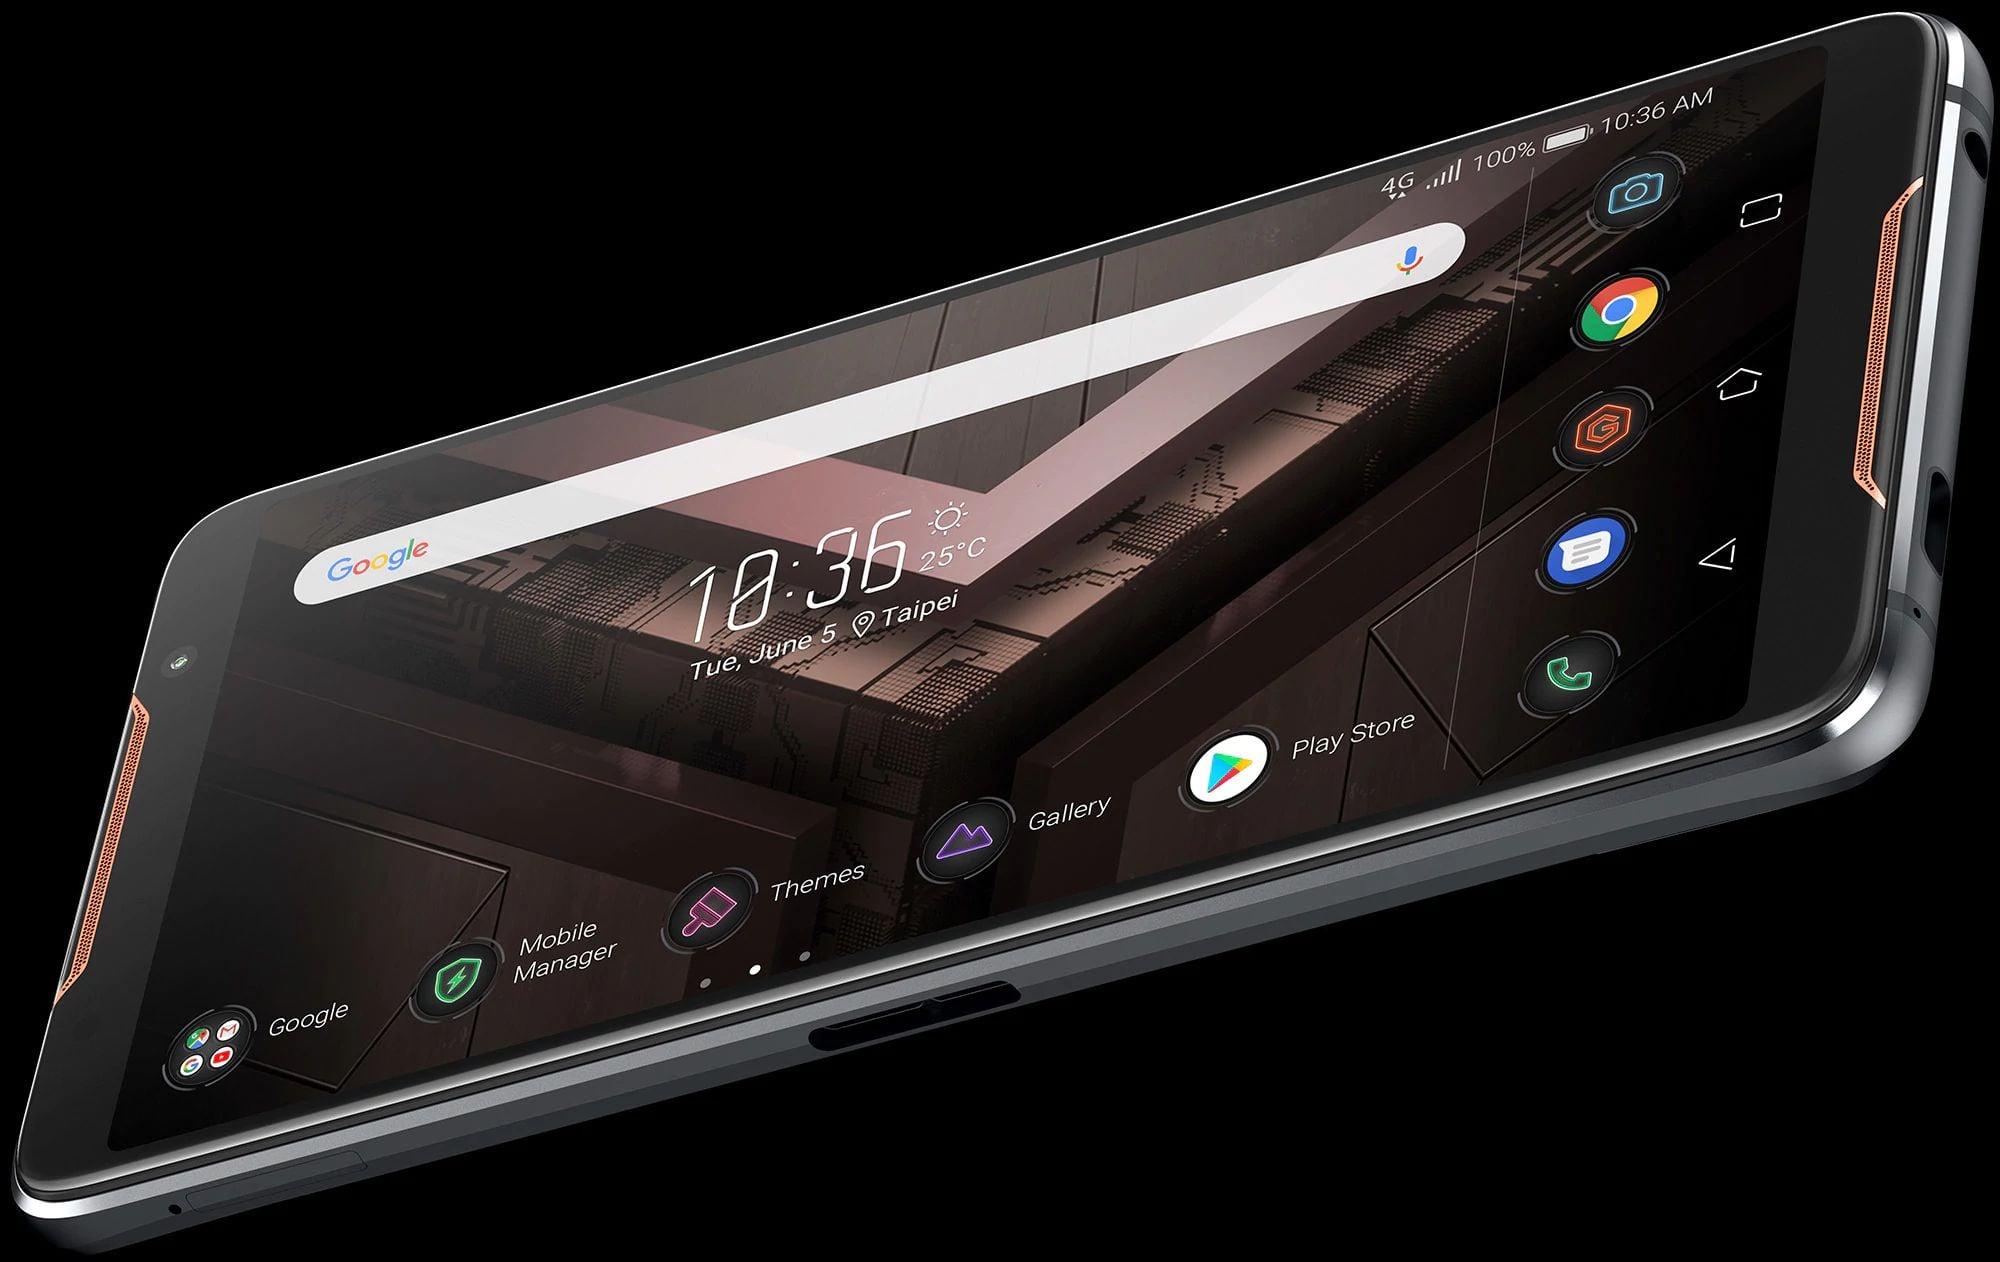 Tabletowo.pl Granie mobilne wiele nie wymaga, czyli trochę o tym, że istnienie gamingowych smartfonów nie ma sensu Felietony Gaming Gry Smartfony Technologie